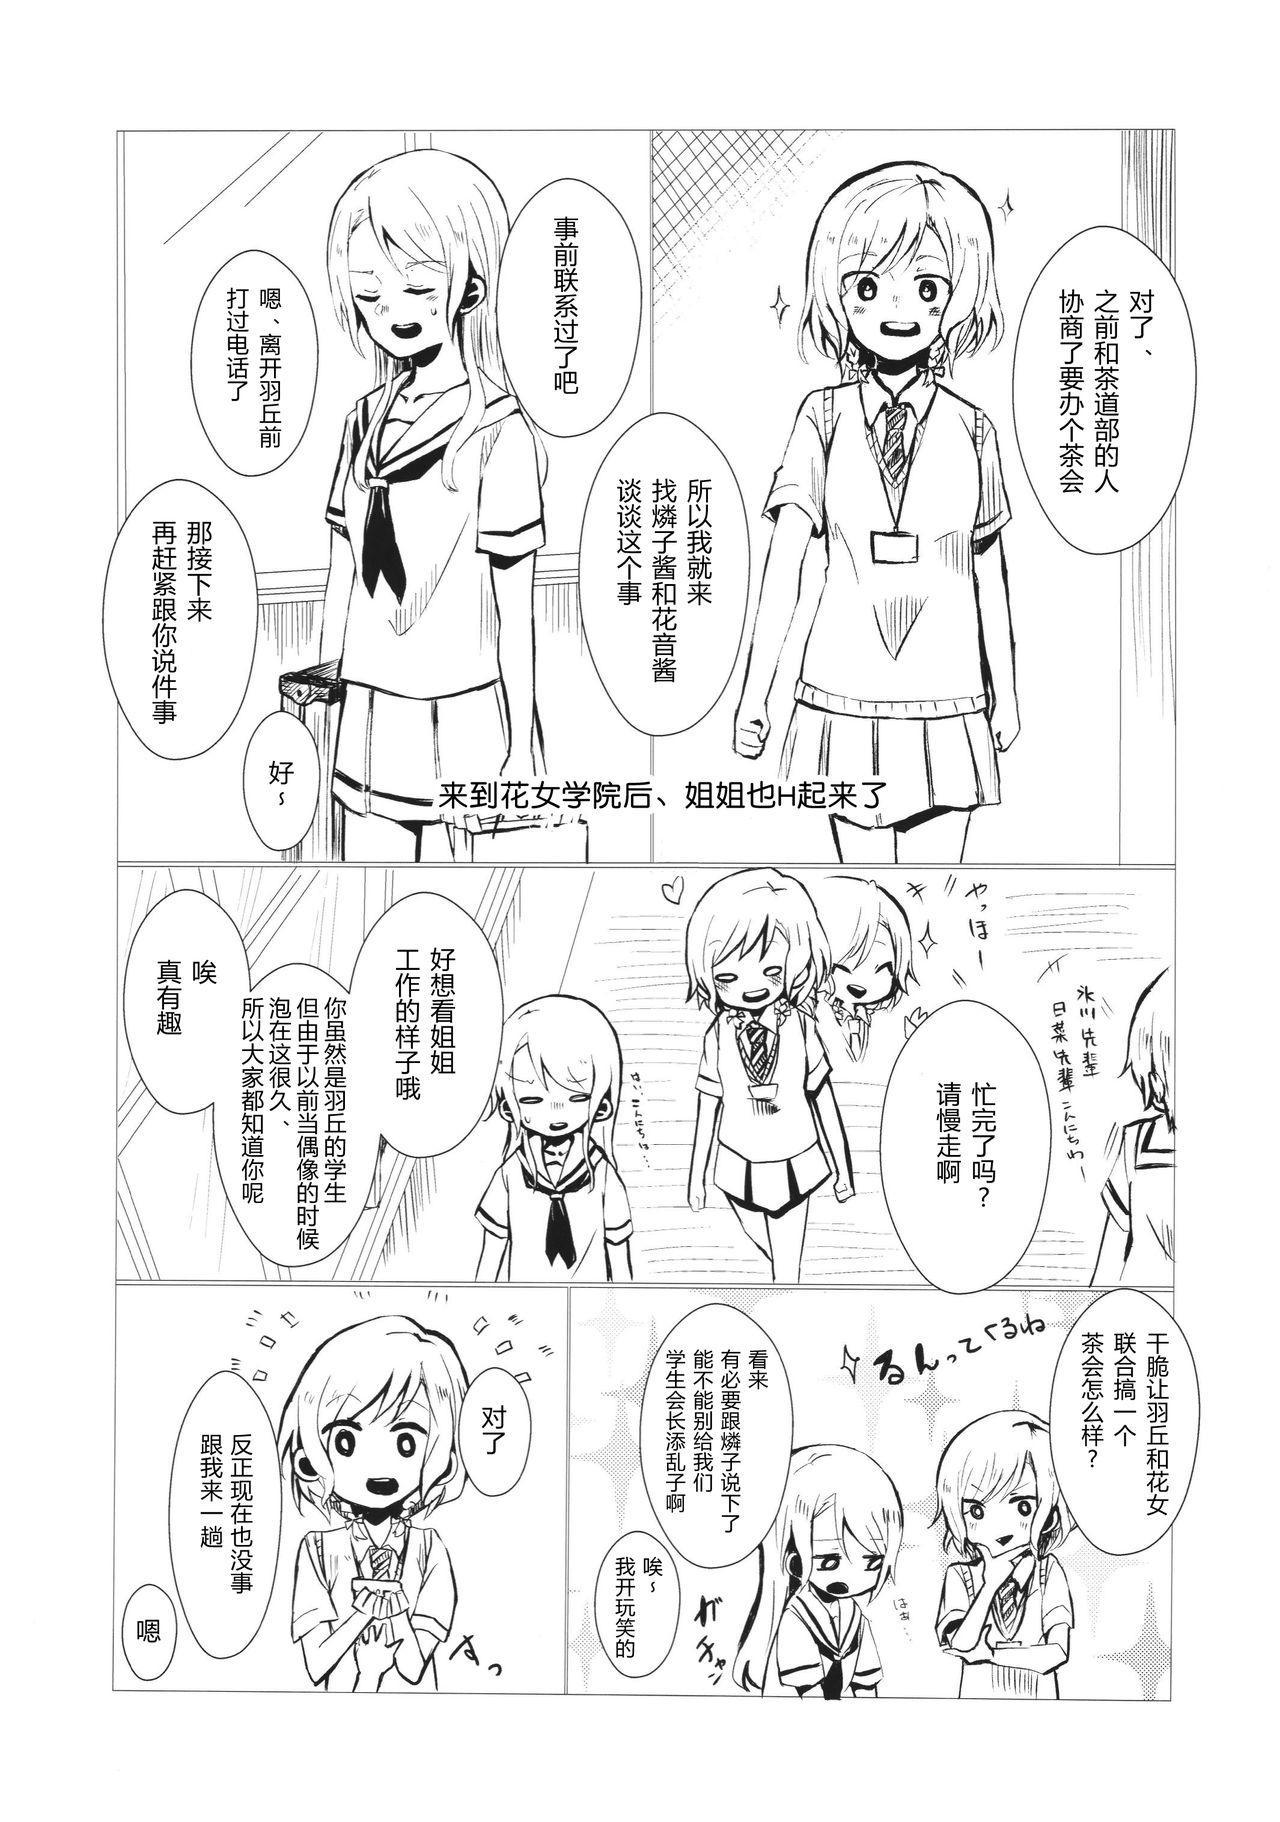 氷川姉妹18禁合同「今日は一緒に寝てもいい?」 35